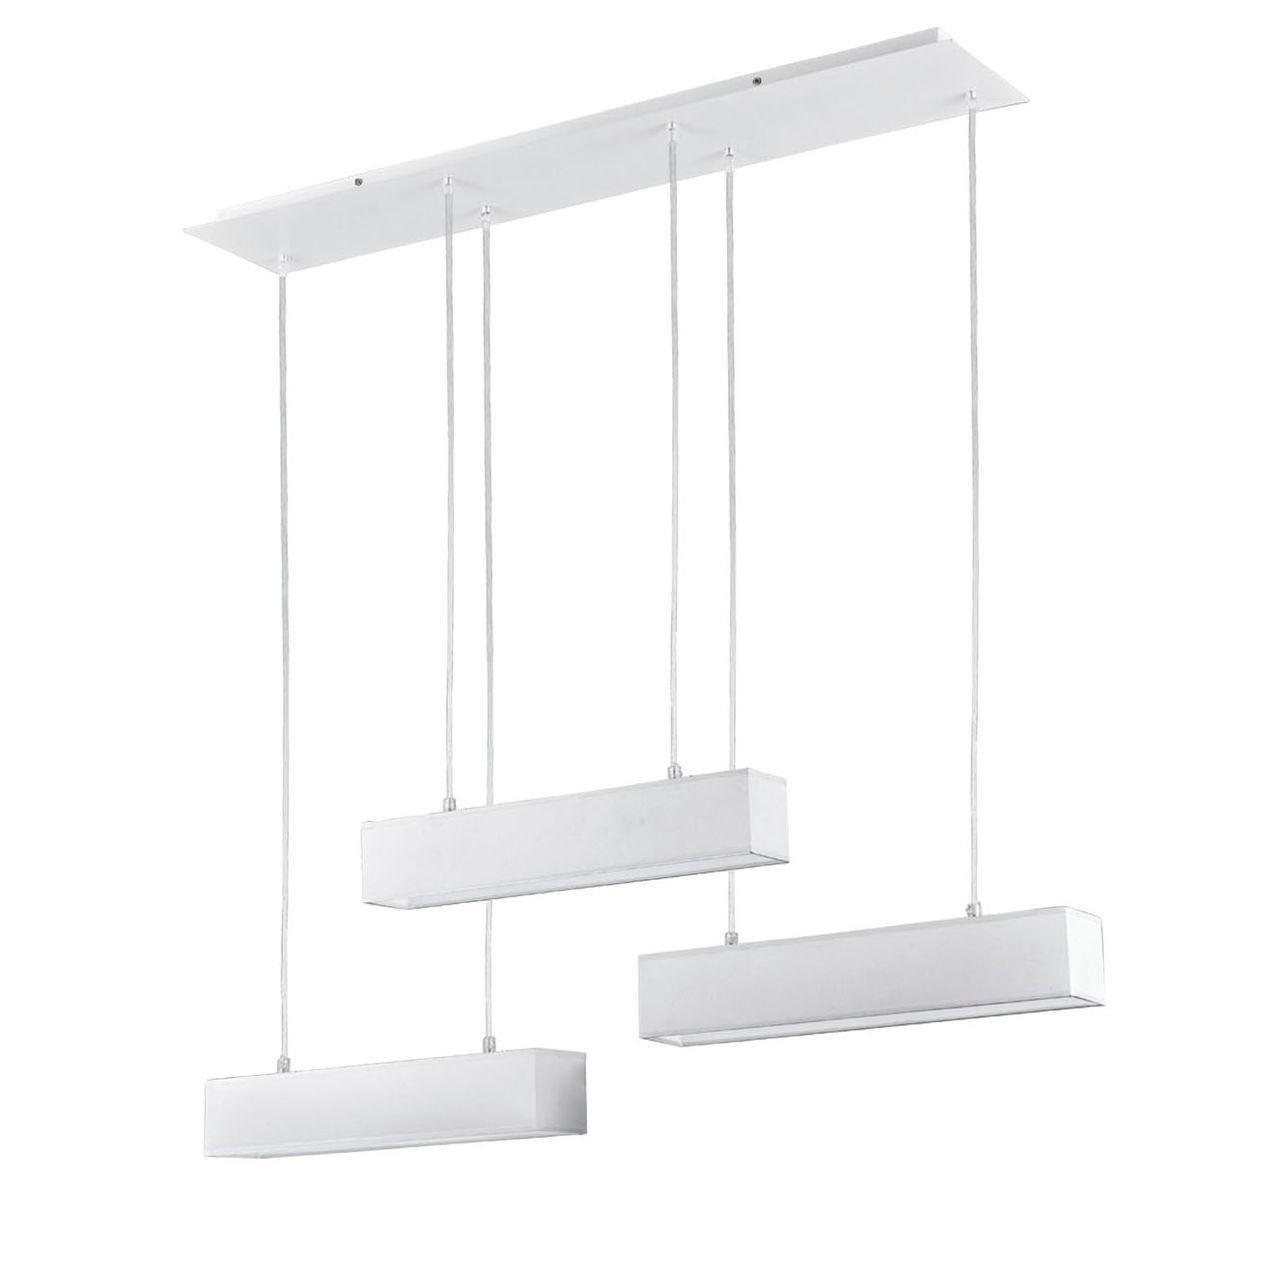 Купить Подвесной светильник Ideal Lux Stick SP Bianco в интернет магазине дизайнерской мебели и аксессуаров для дома и дачи